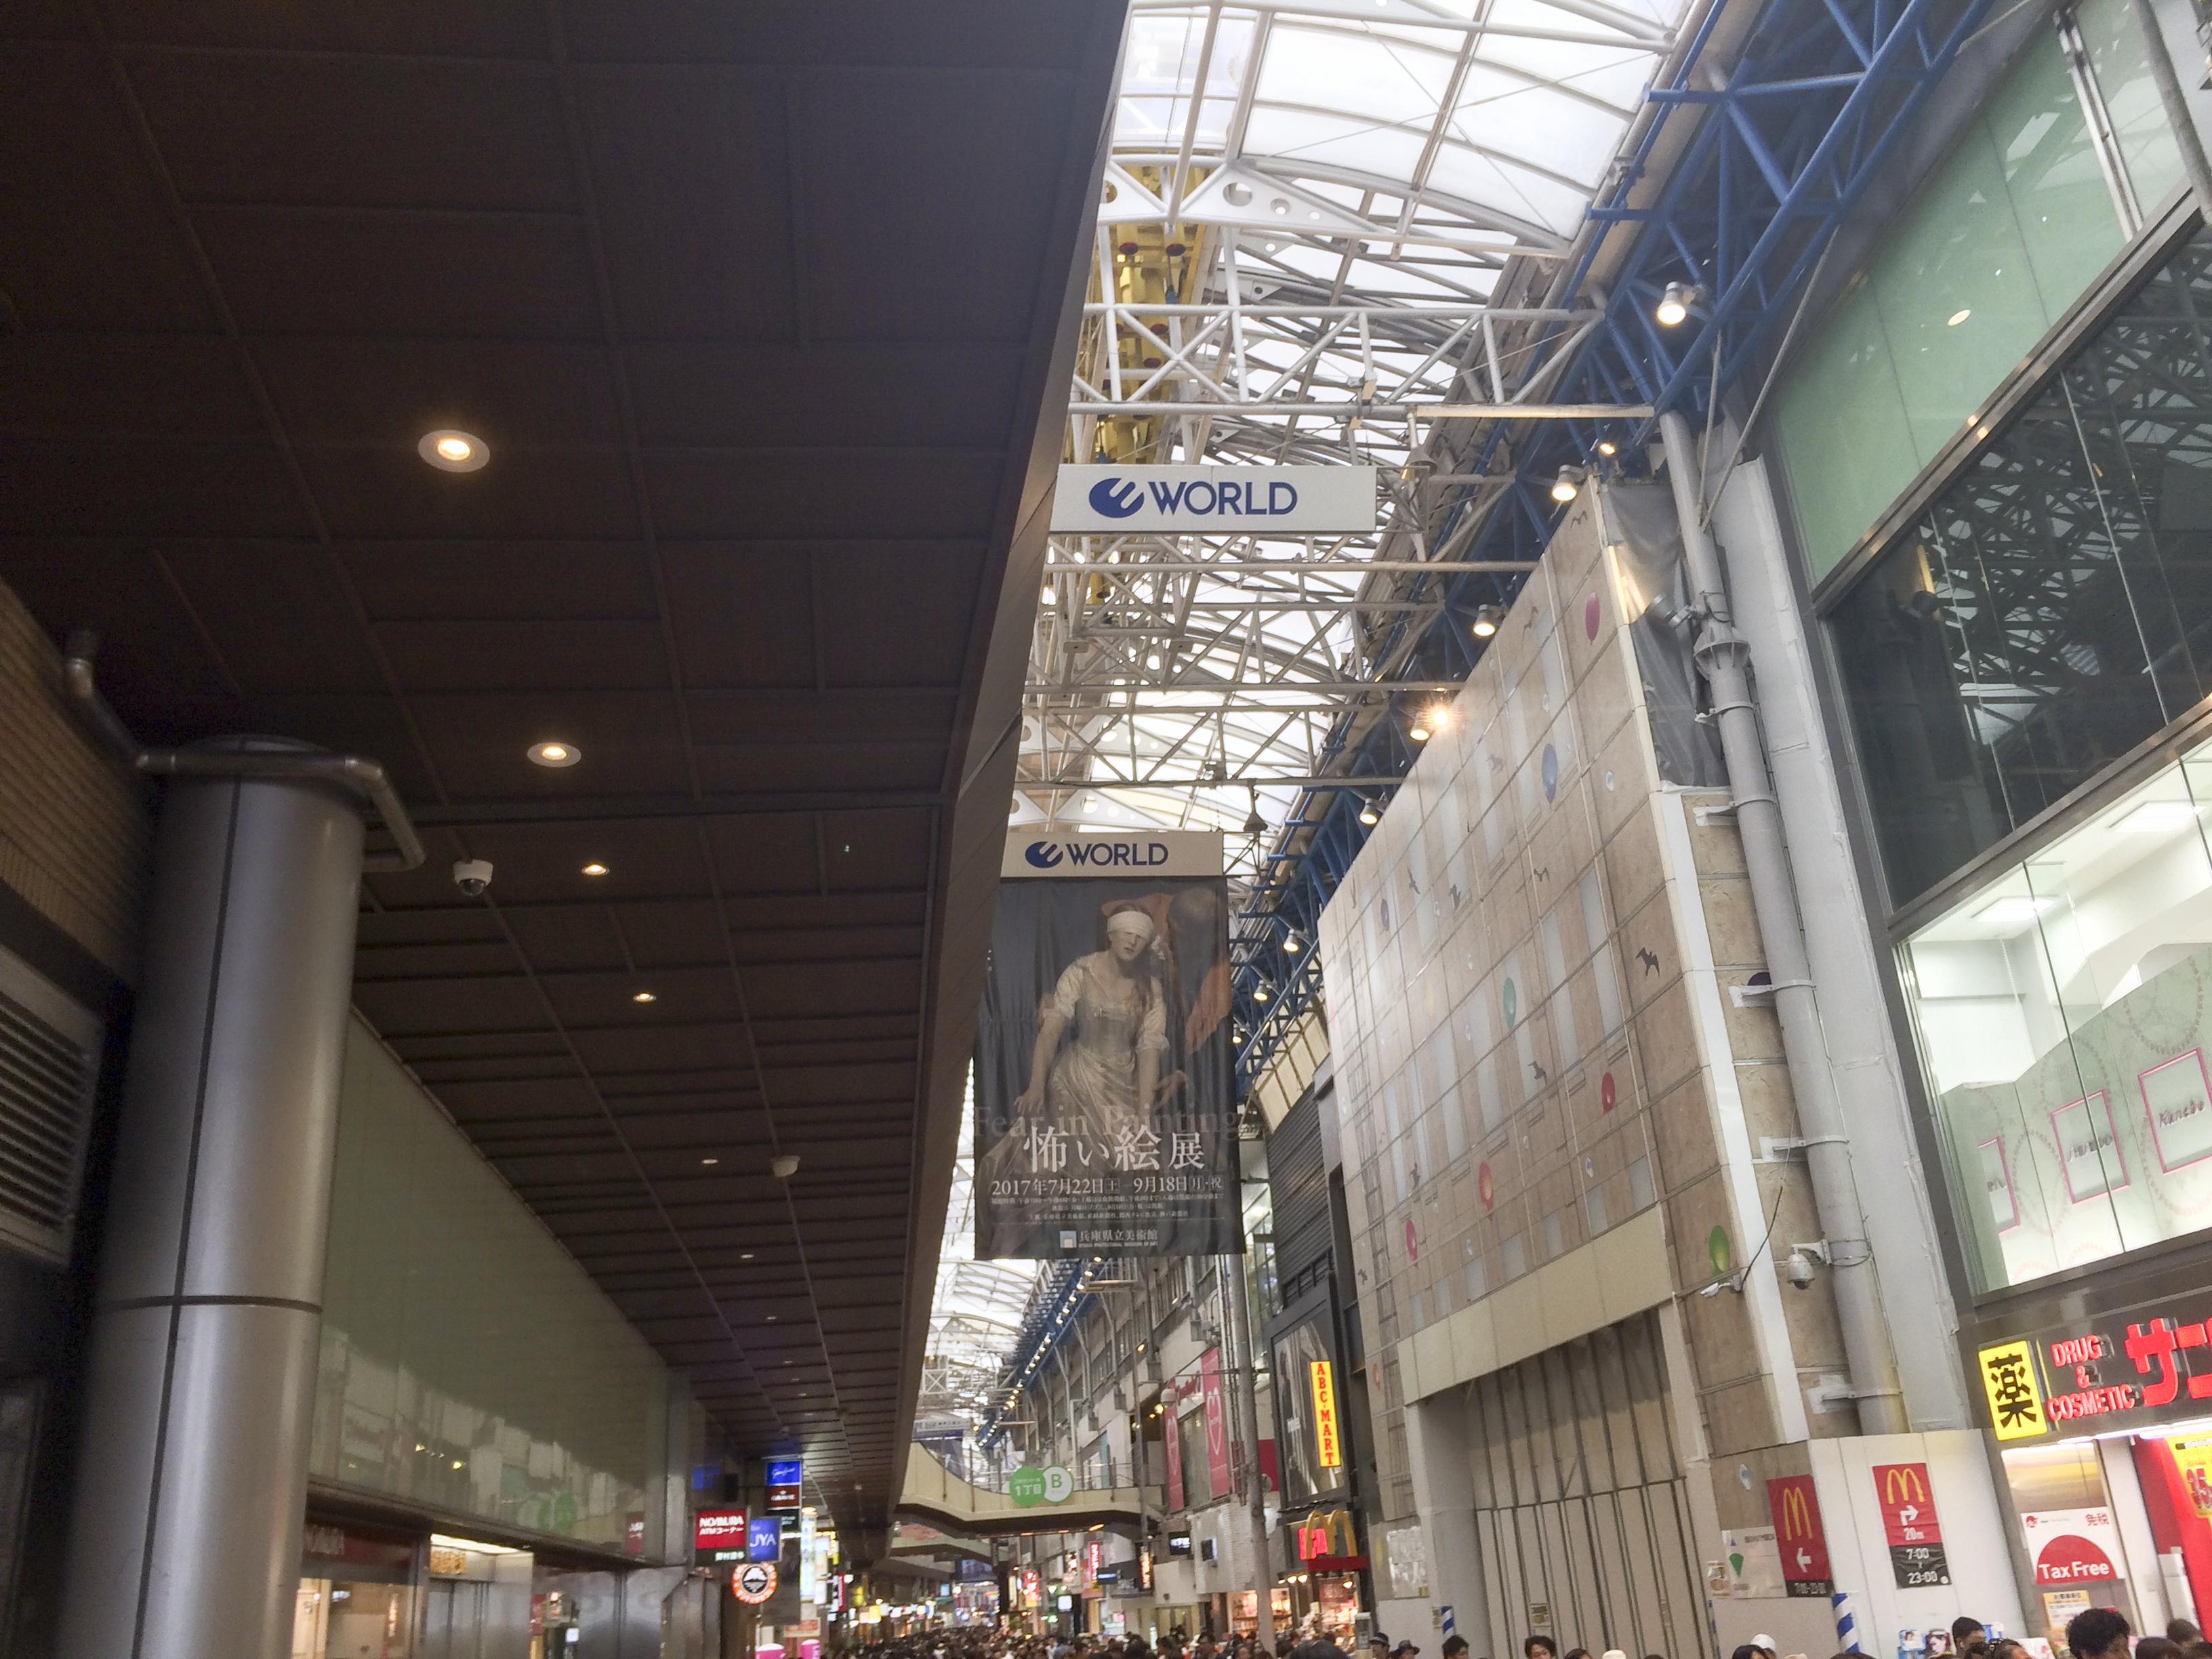 f:id:mitatowa:20170717013551j:plain